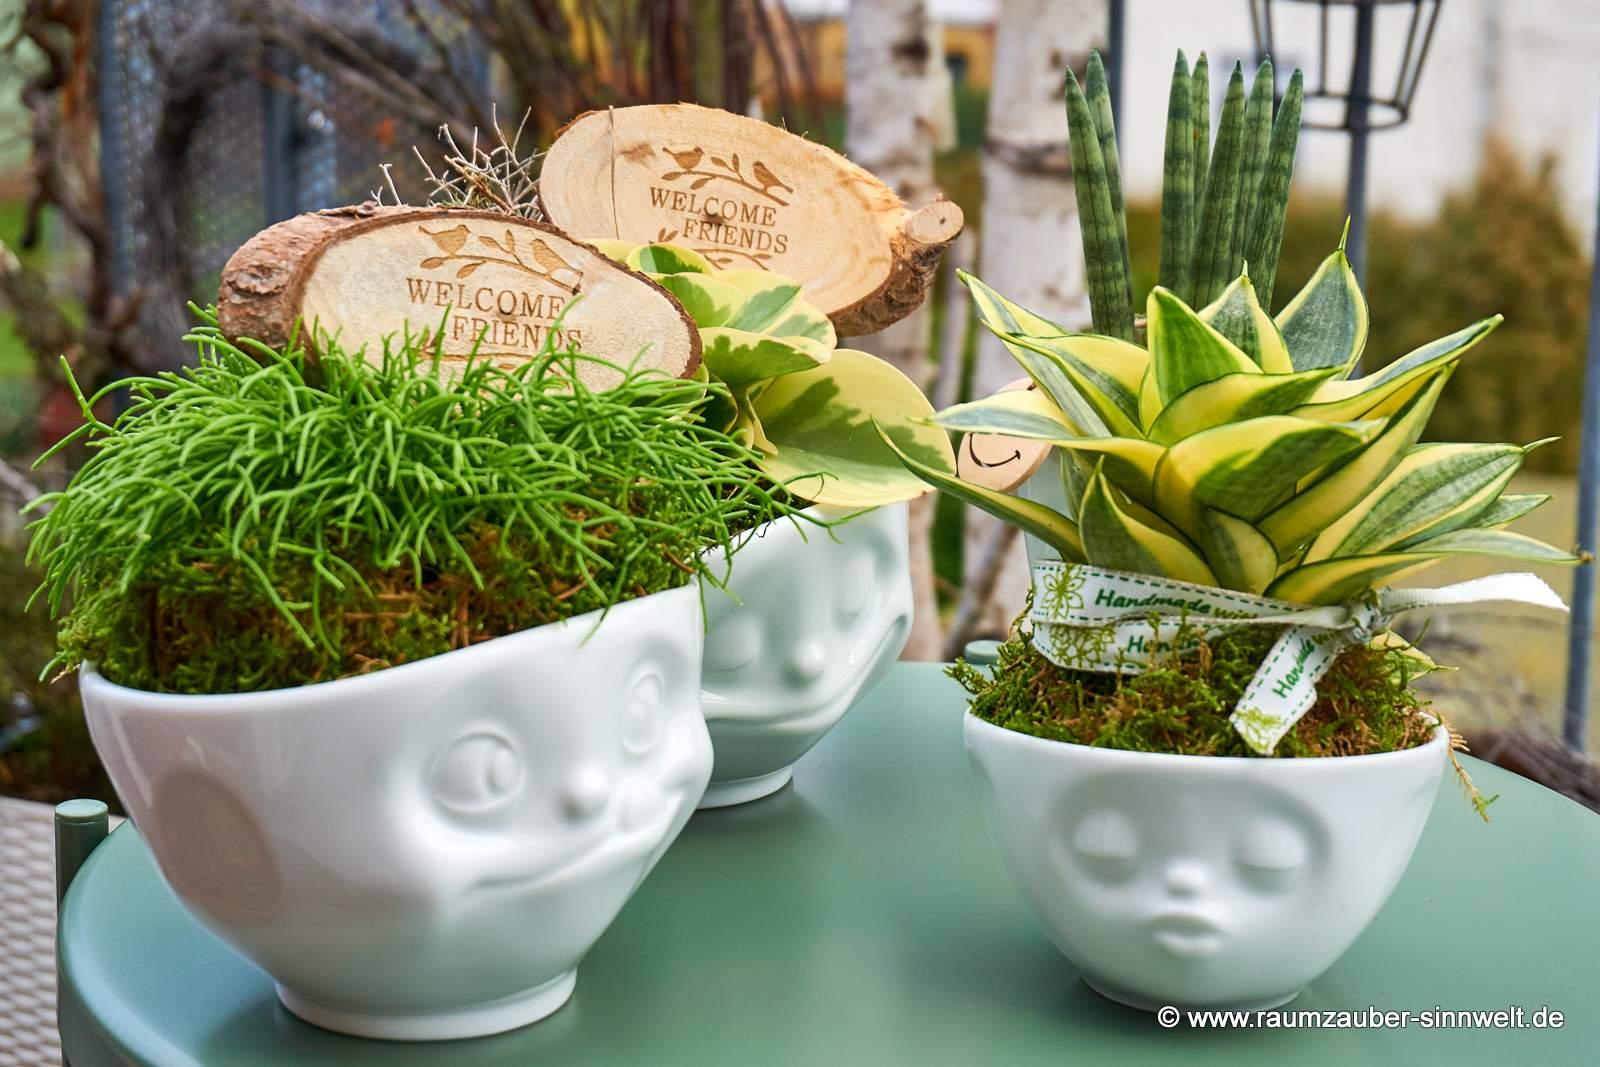 FIFTYEIGHT PRODUCTS Schalen glücklich, küssend und lecker mit Pflanzen